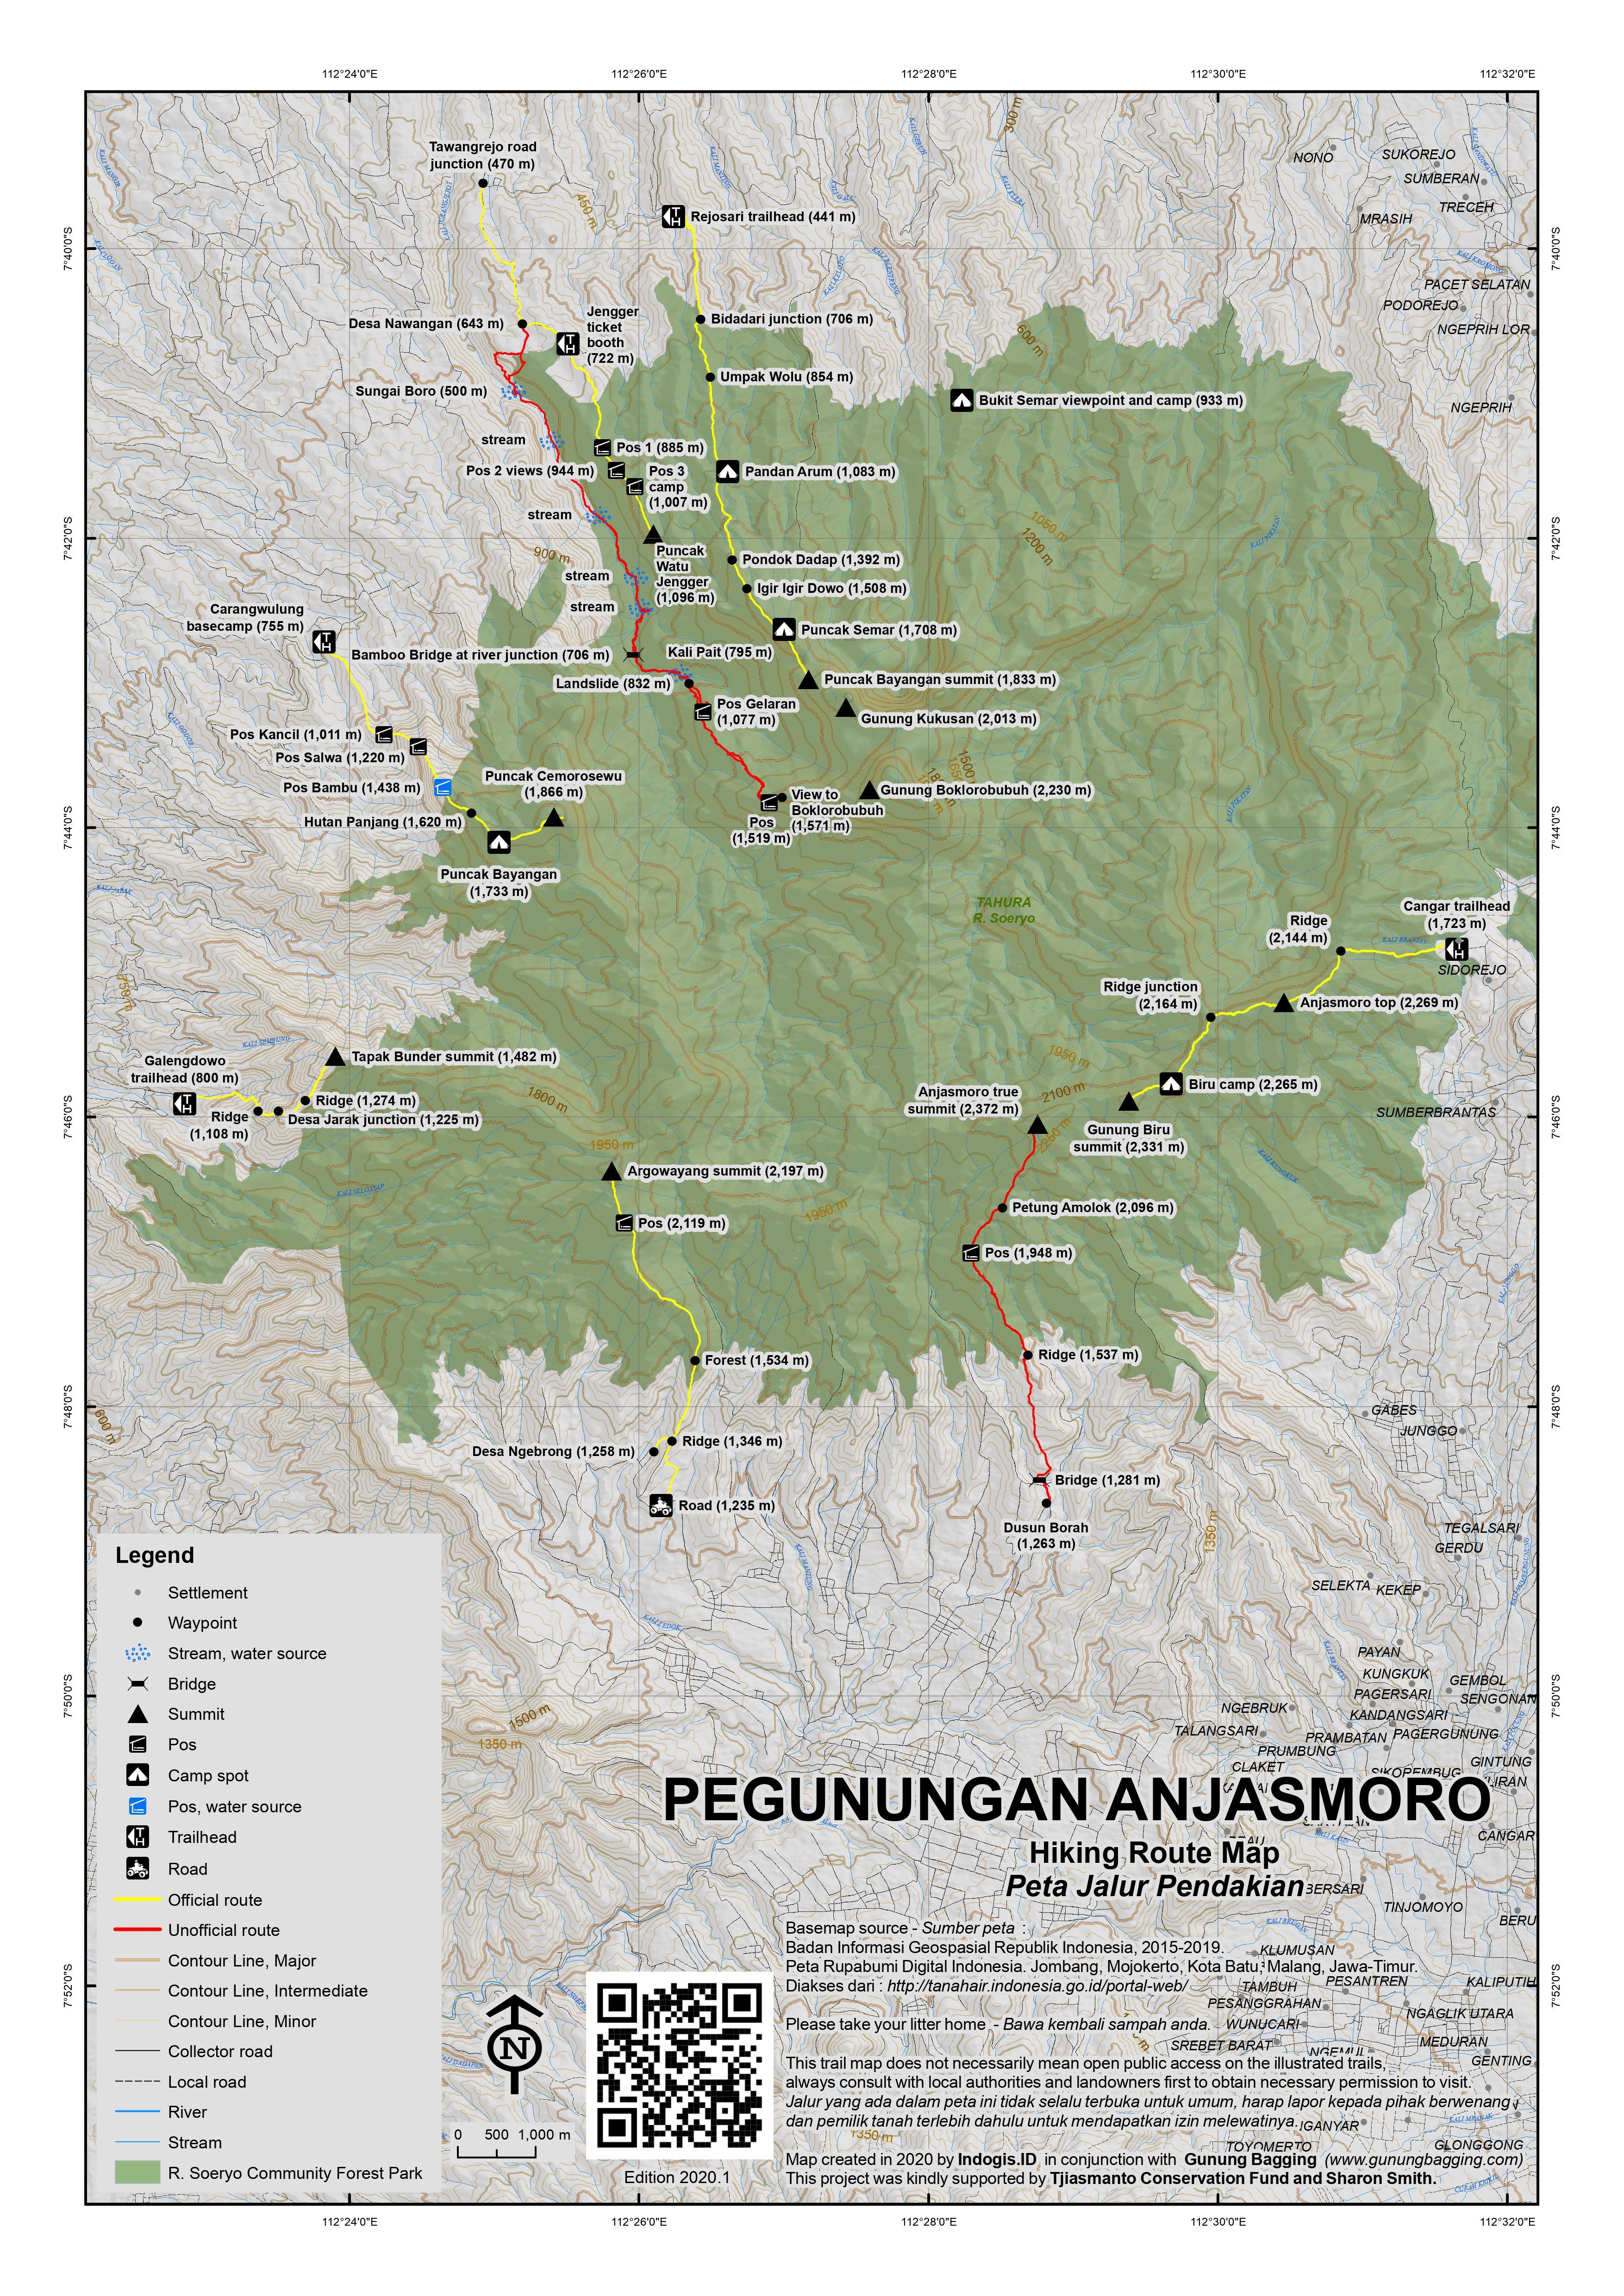 Peta Jalur Pendakian Gunung Anjasmoro